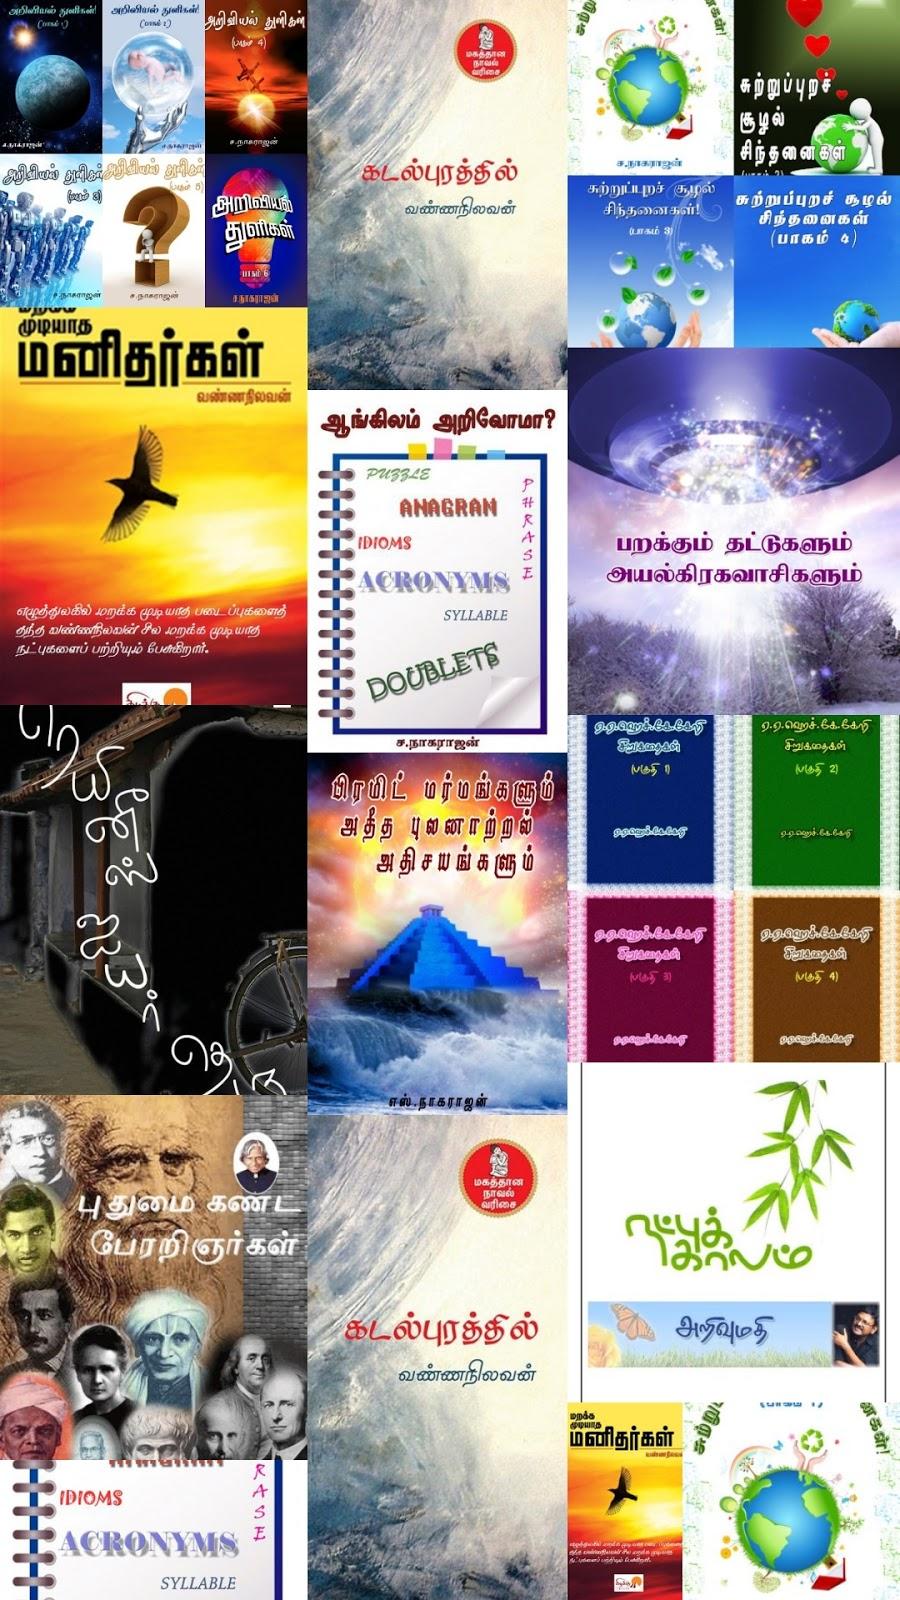 தமிழ் புத்தகங்கள் பகுதி - 1 [20 Books PDF] %25E0%25AE%25A4%25E0%25AE%25AE%25E0%25AE%25BF%25E0%25AE%25B4%25E0%25AF%258D%2Bbooks